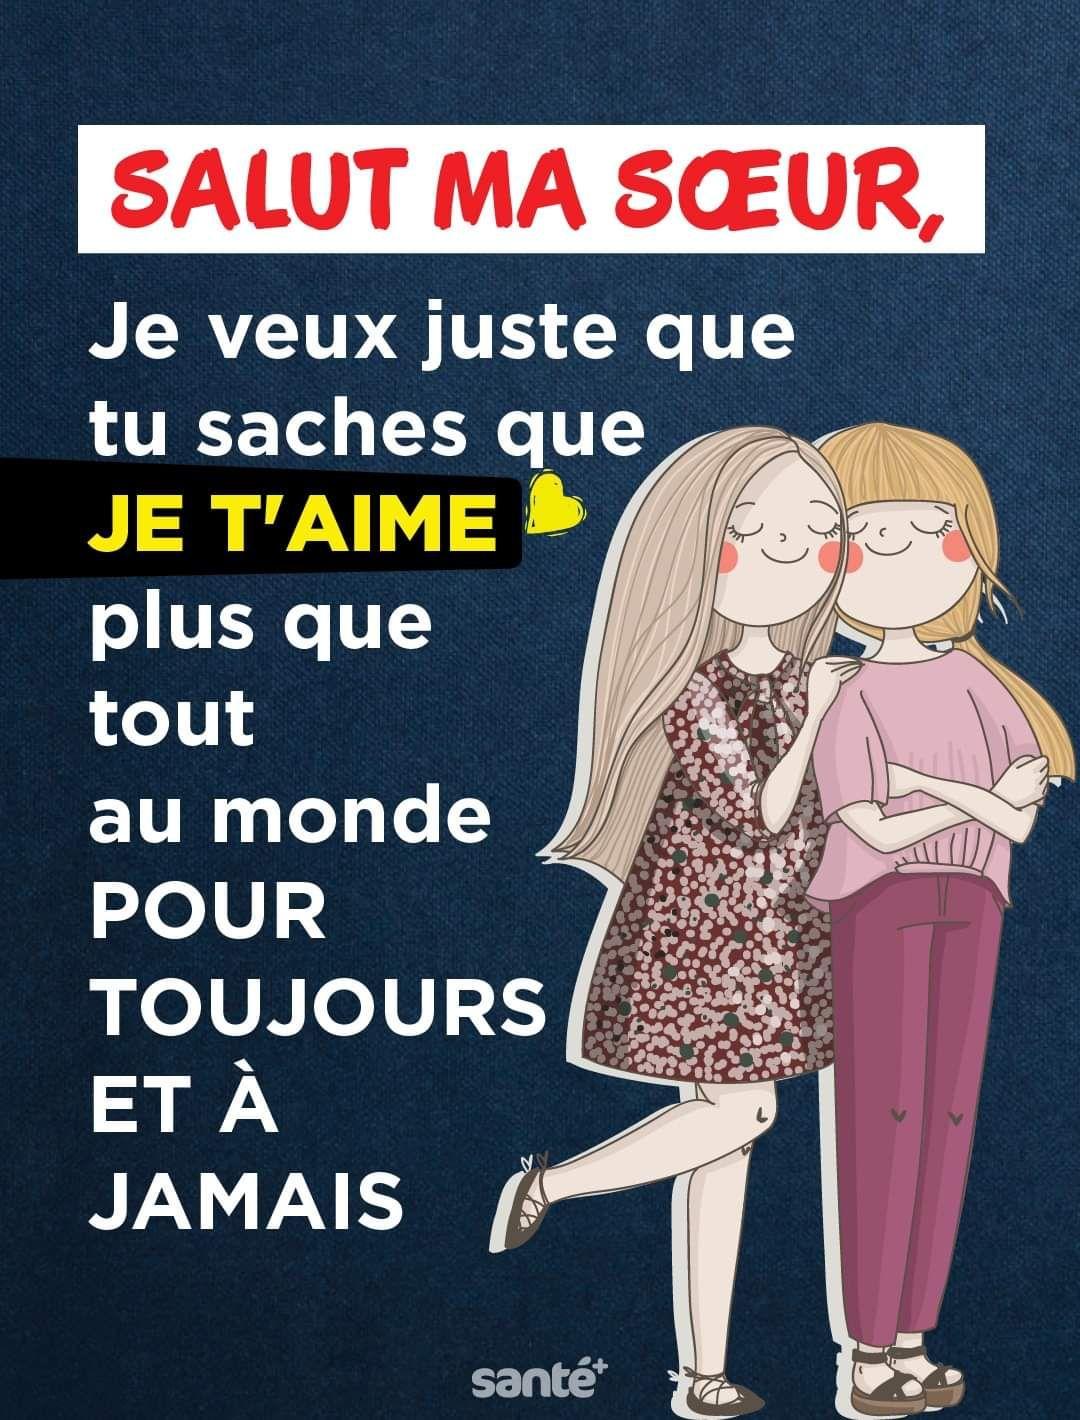 Je T'aime Ma Soeur Citation : t'aime, soeur, citation, Santé+, SALUT, SŒUR,, Juste, Saches, Monde, TOUJOURS, JAMAIS, Ecards,, Memes